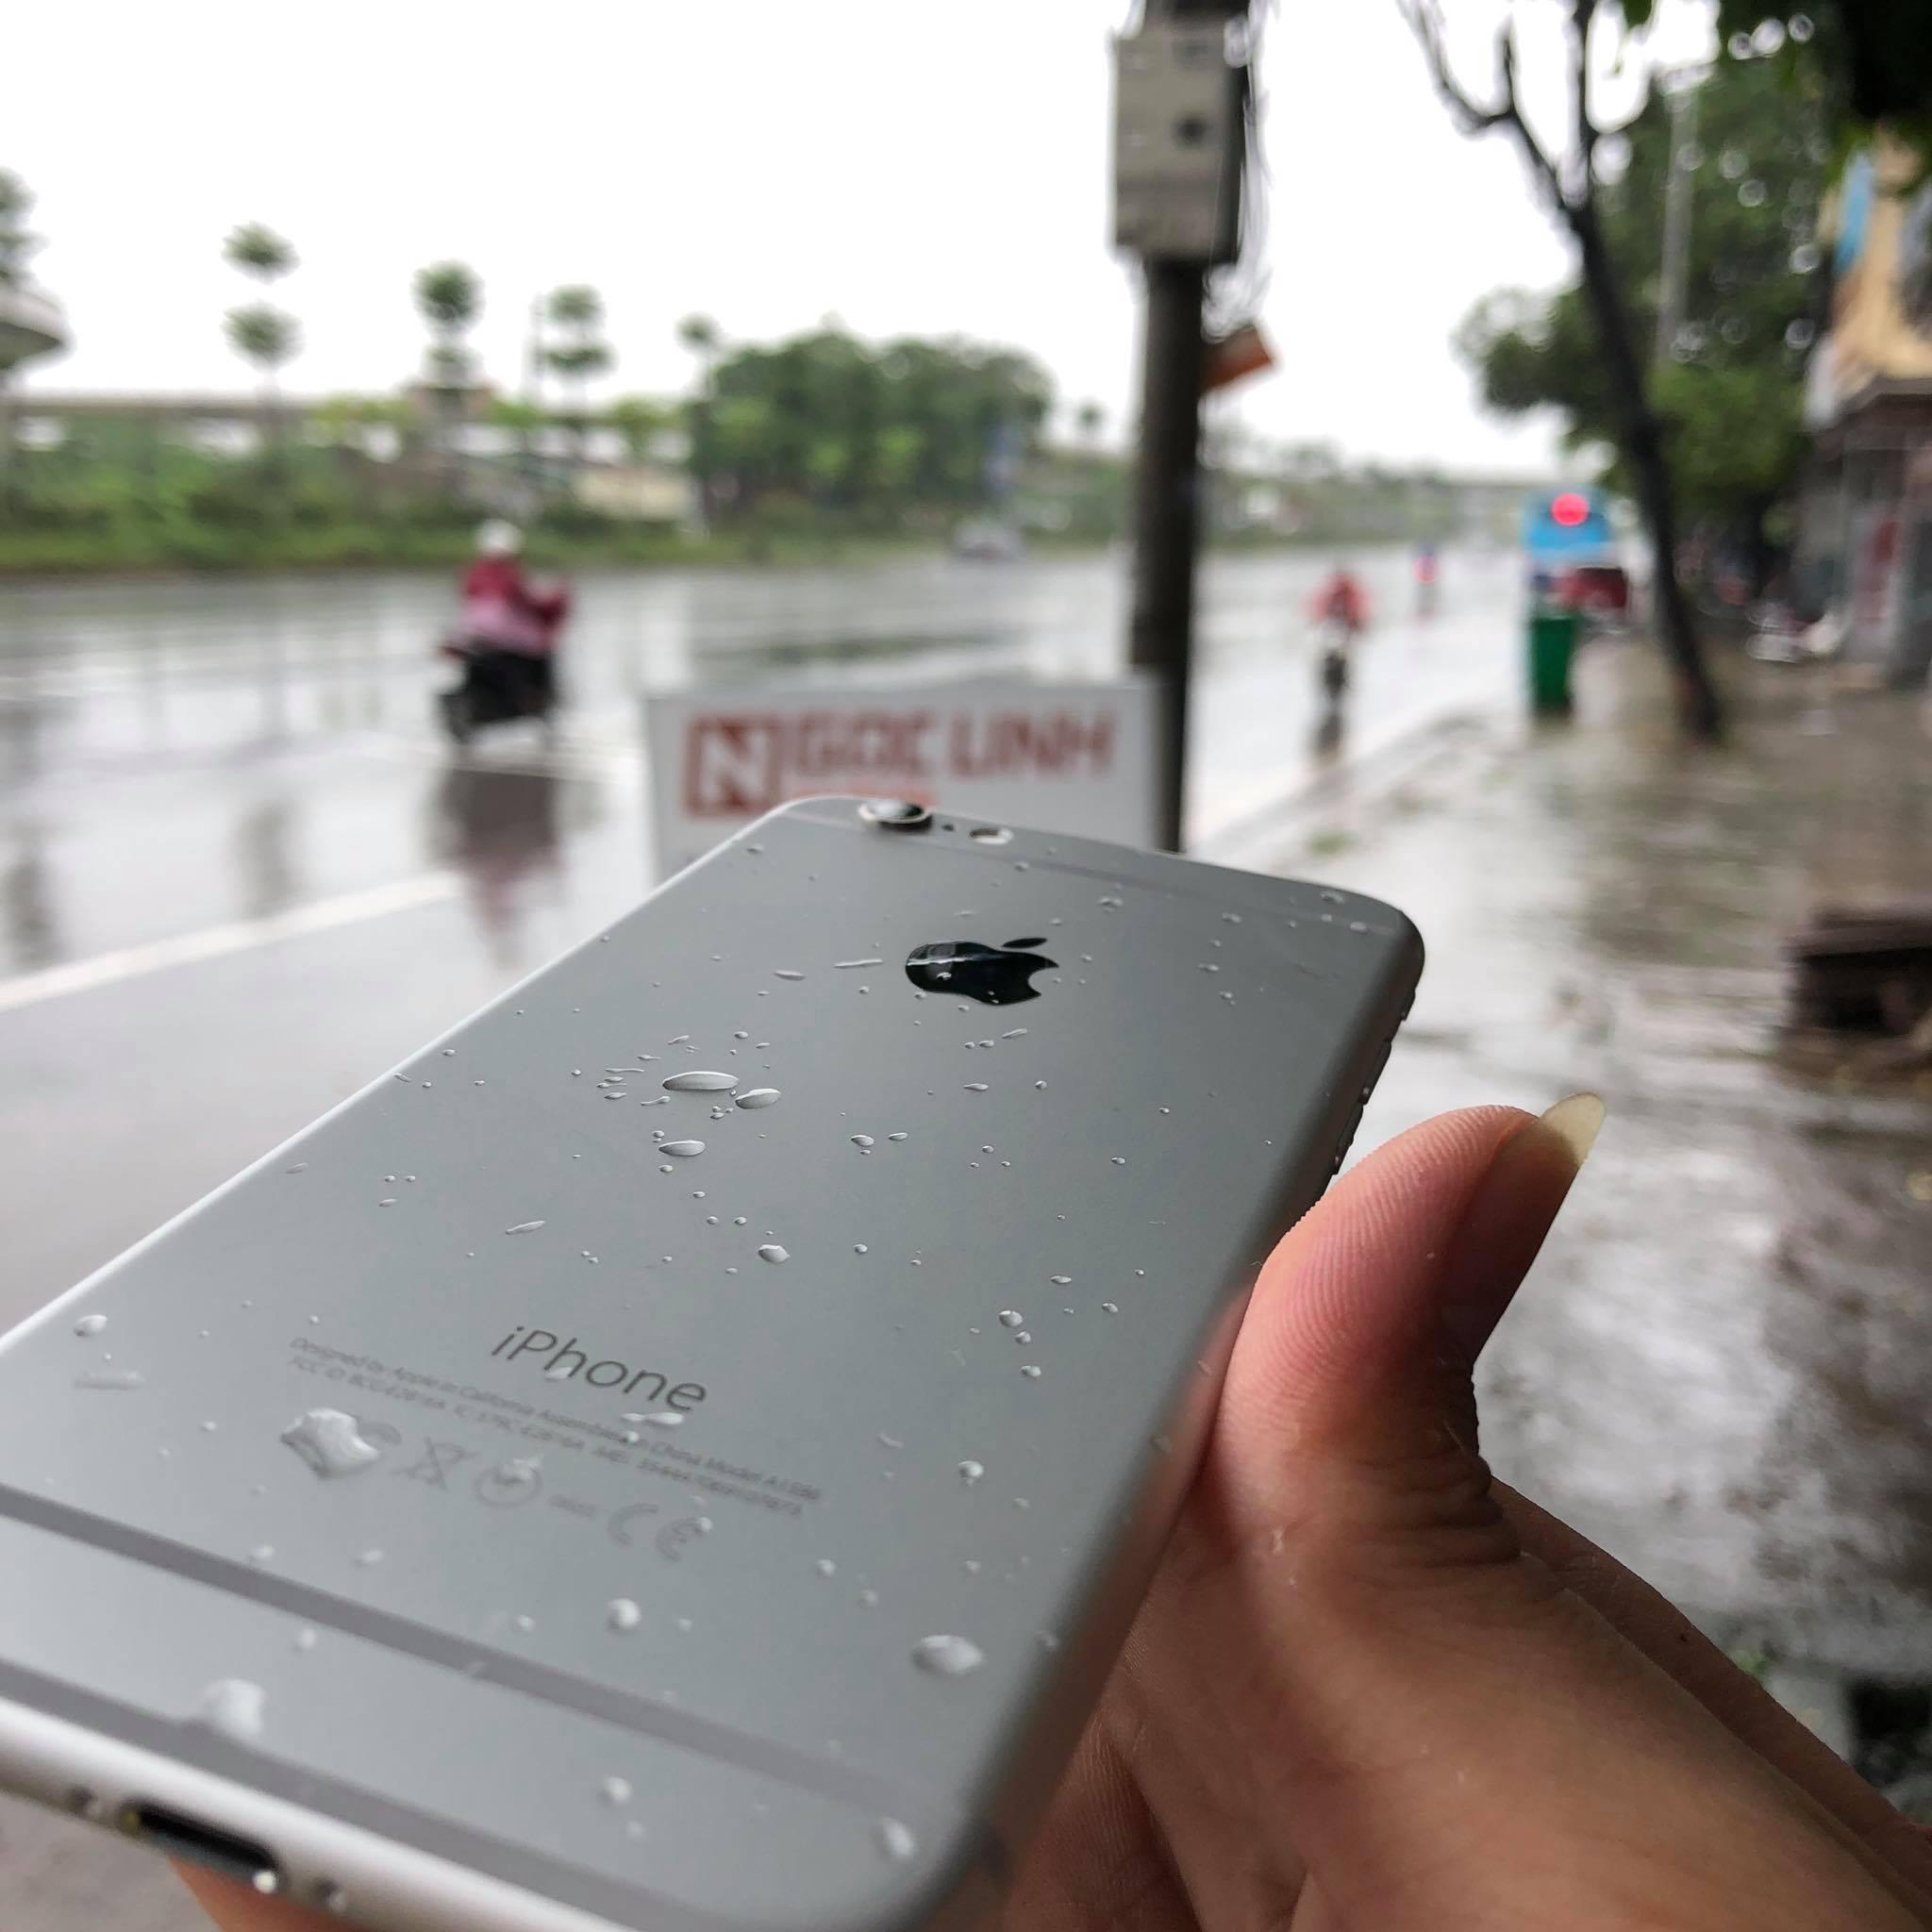 iphone đời cũ iphone đời cũ - Nạn nhân của scandal chậm máy: những chiếc iphone đời cũ